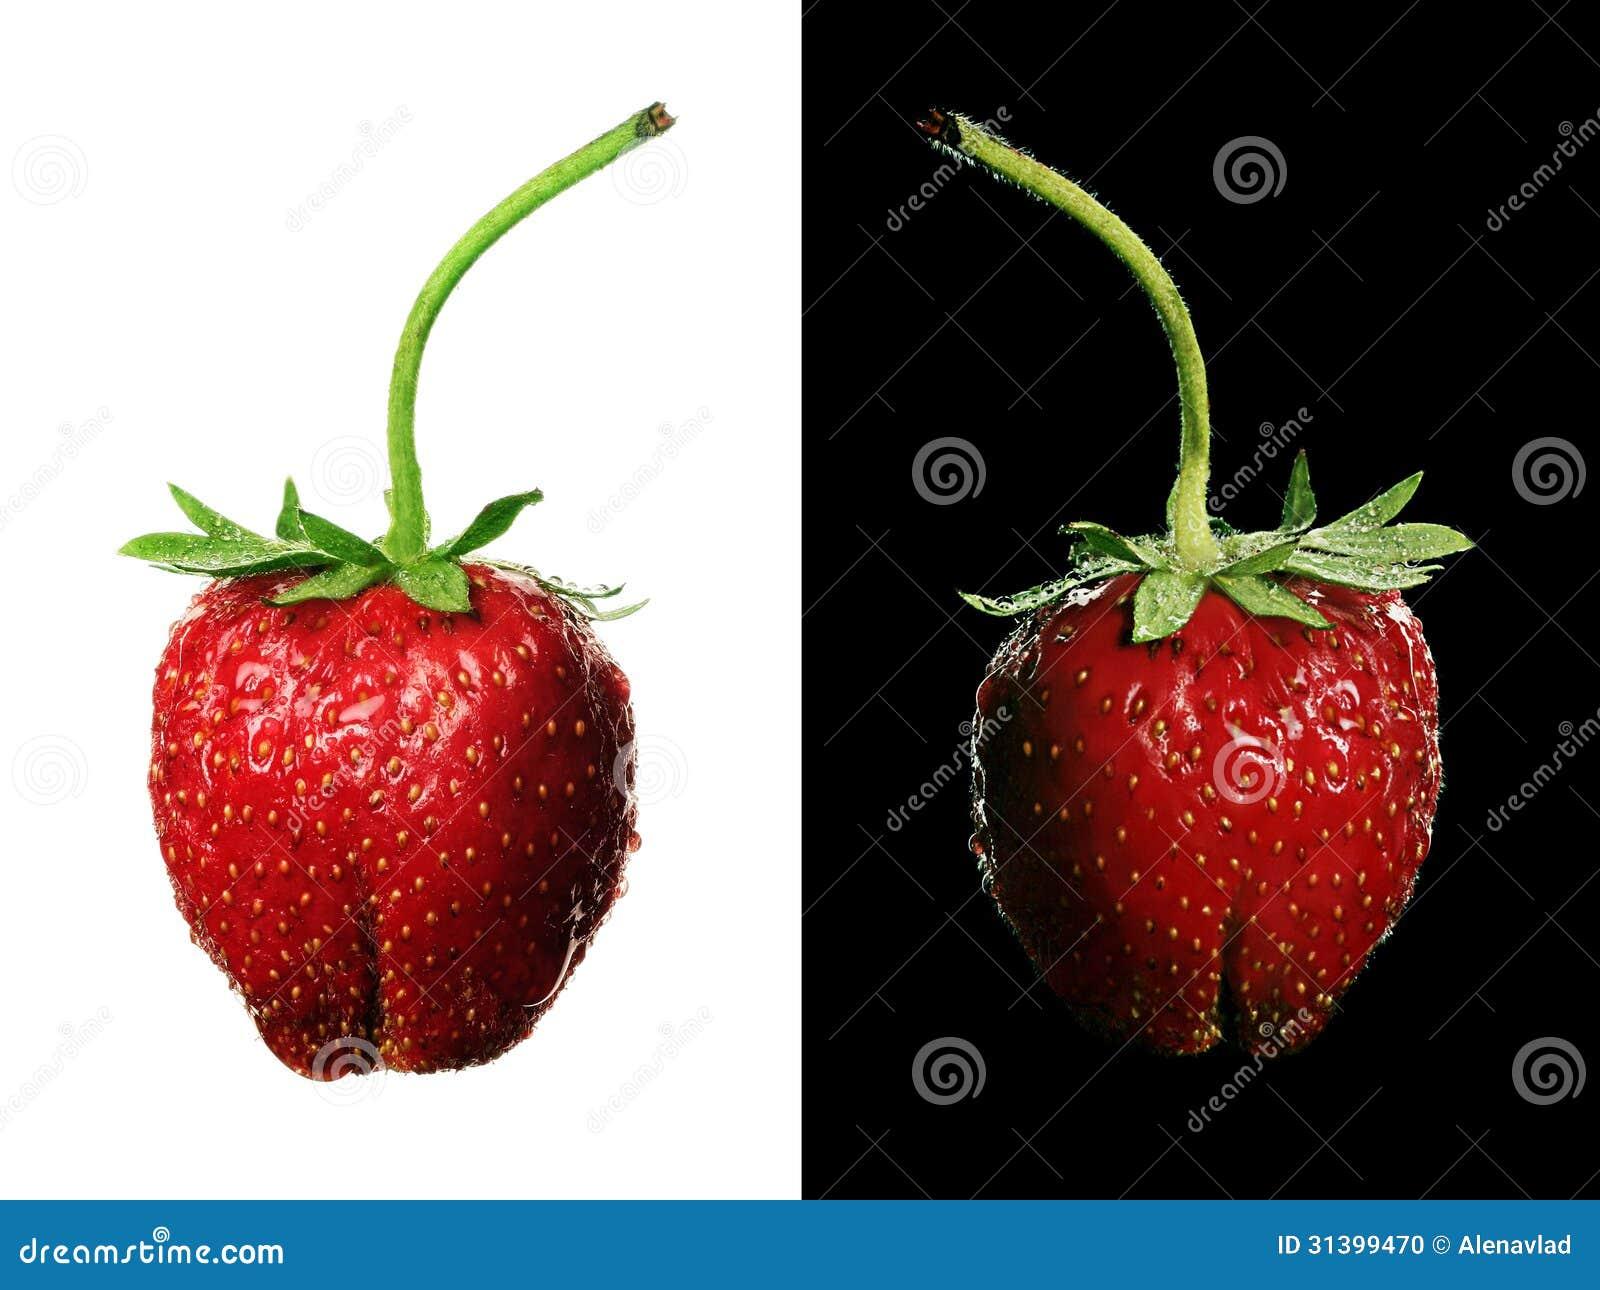 Strawberry pair